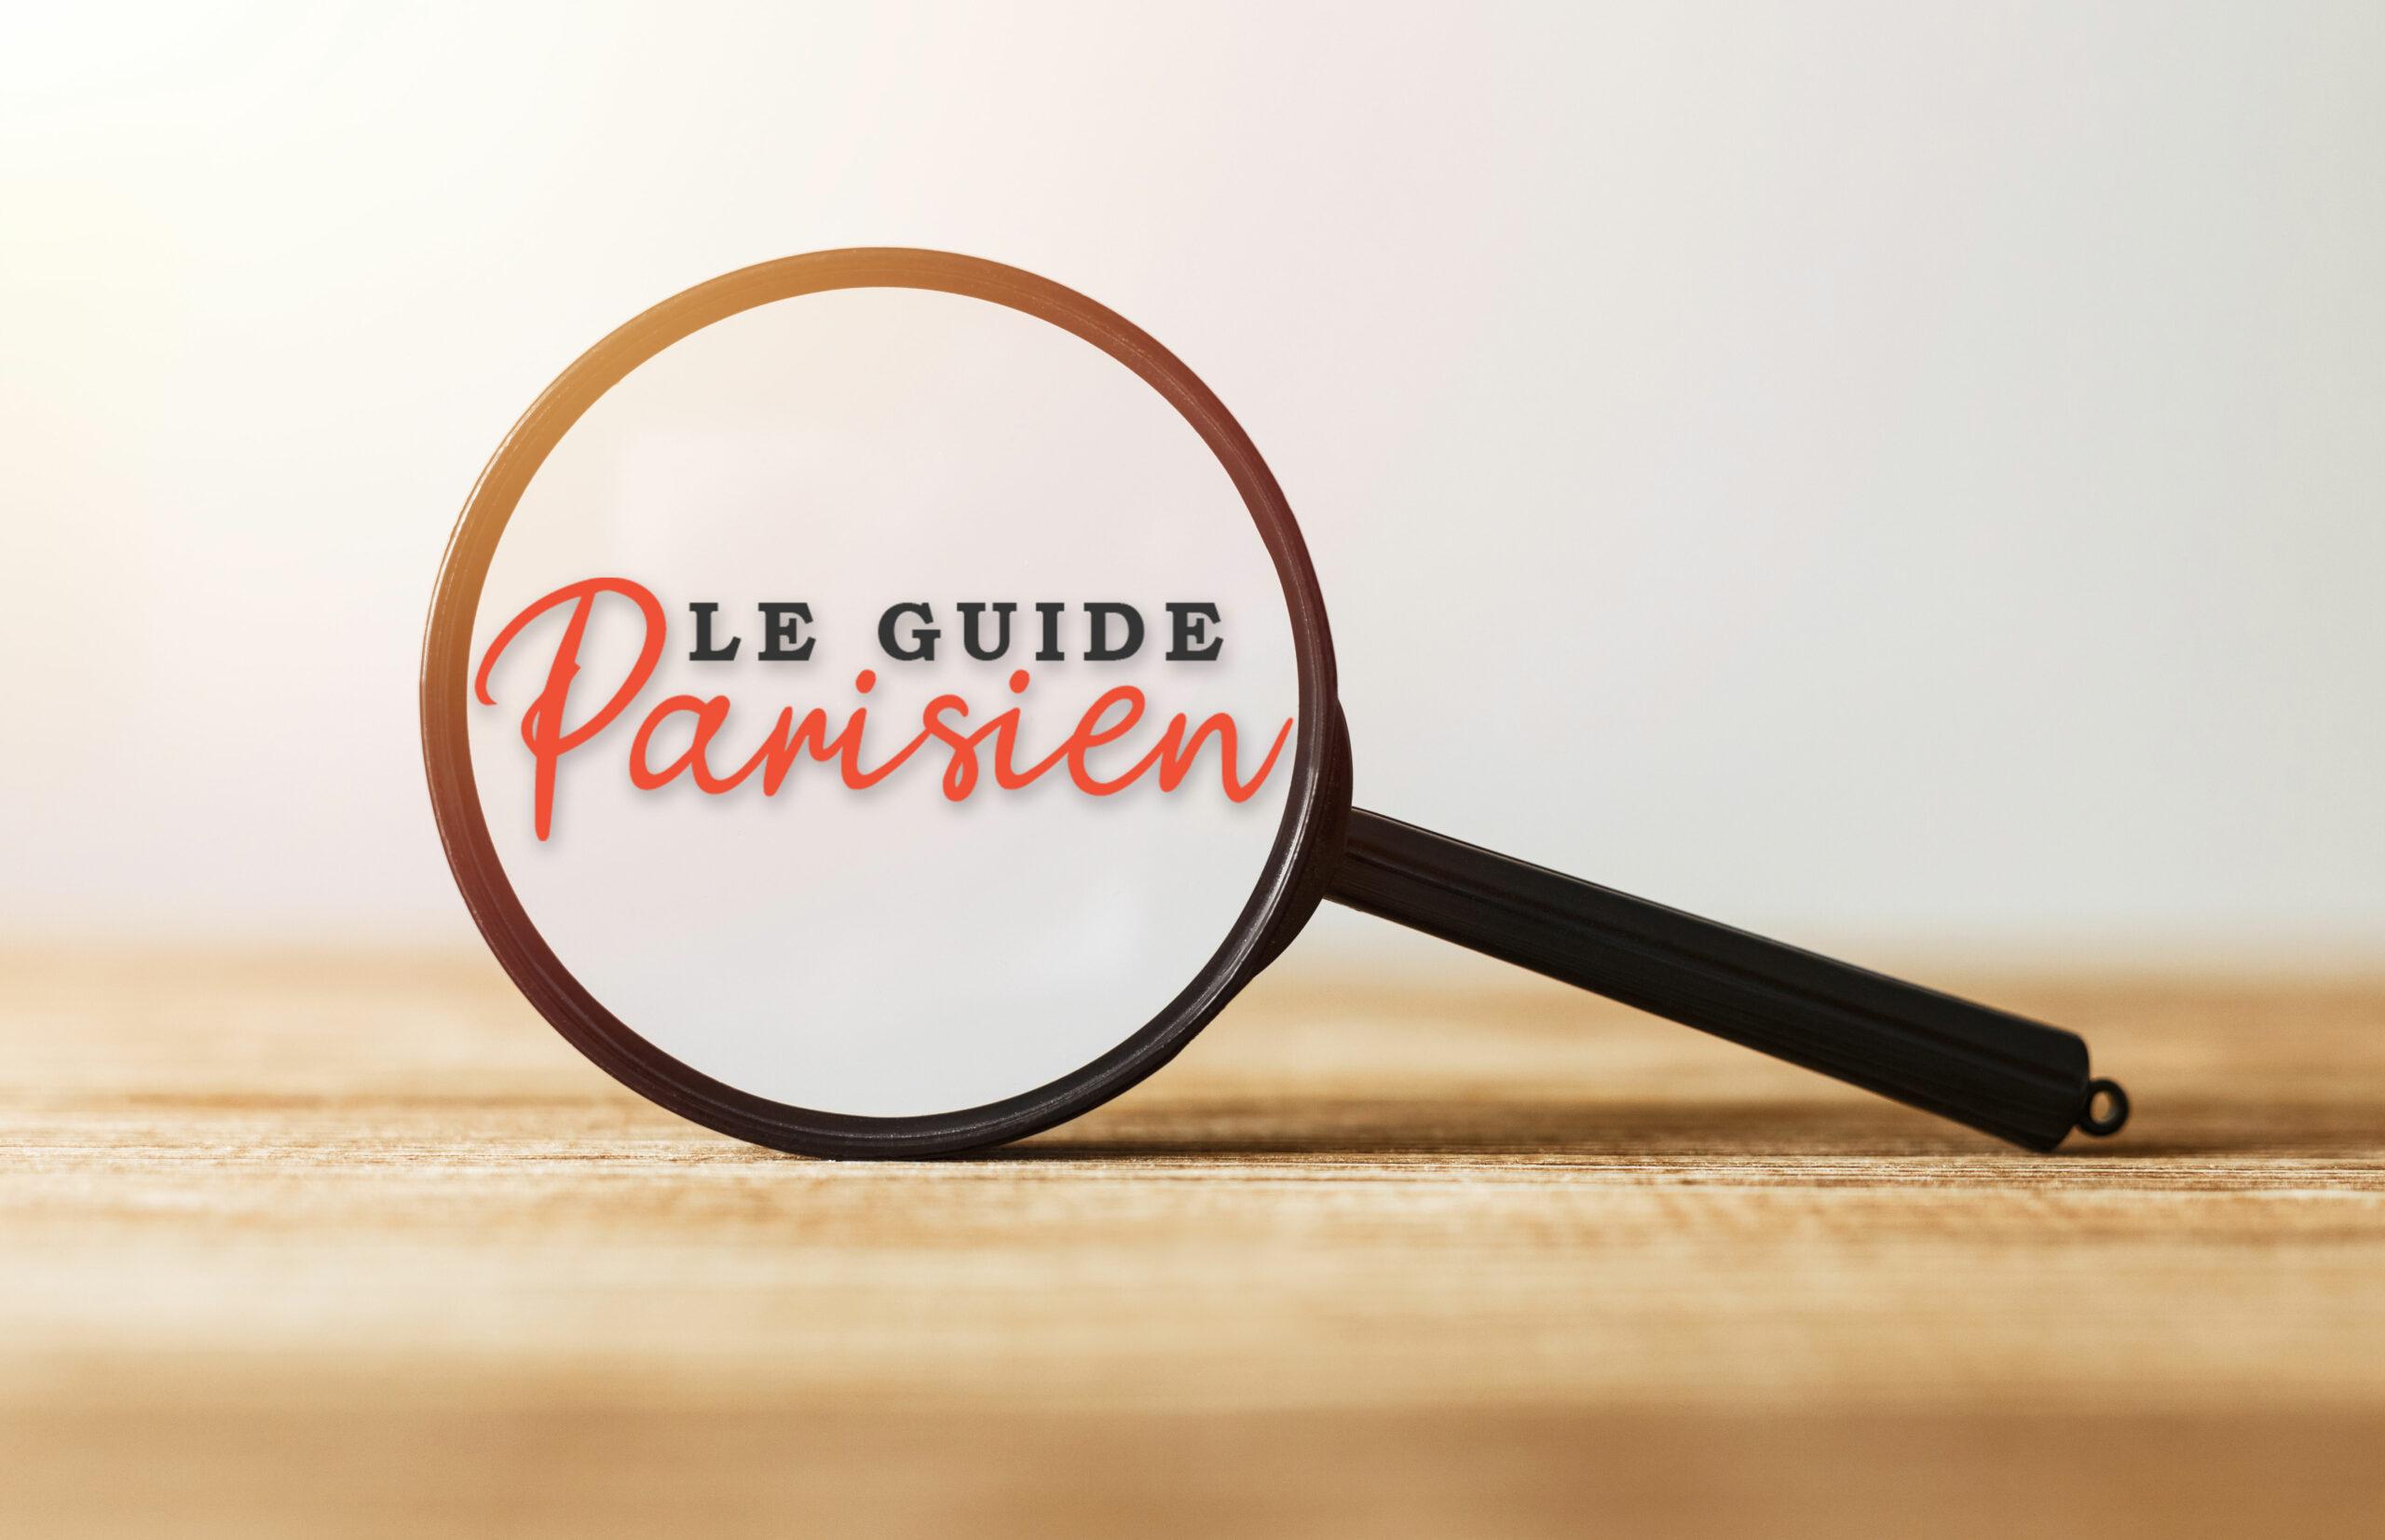 Le Guide Parisien - Guide des meilleurs restaurants parisiens